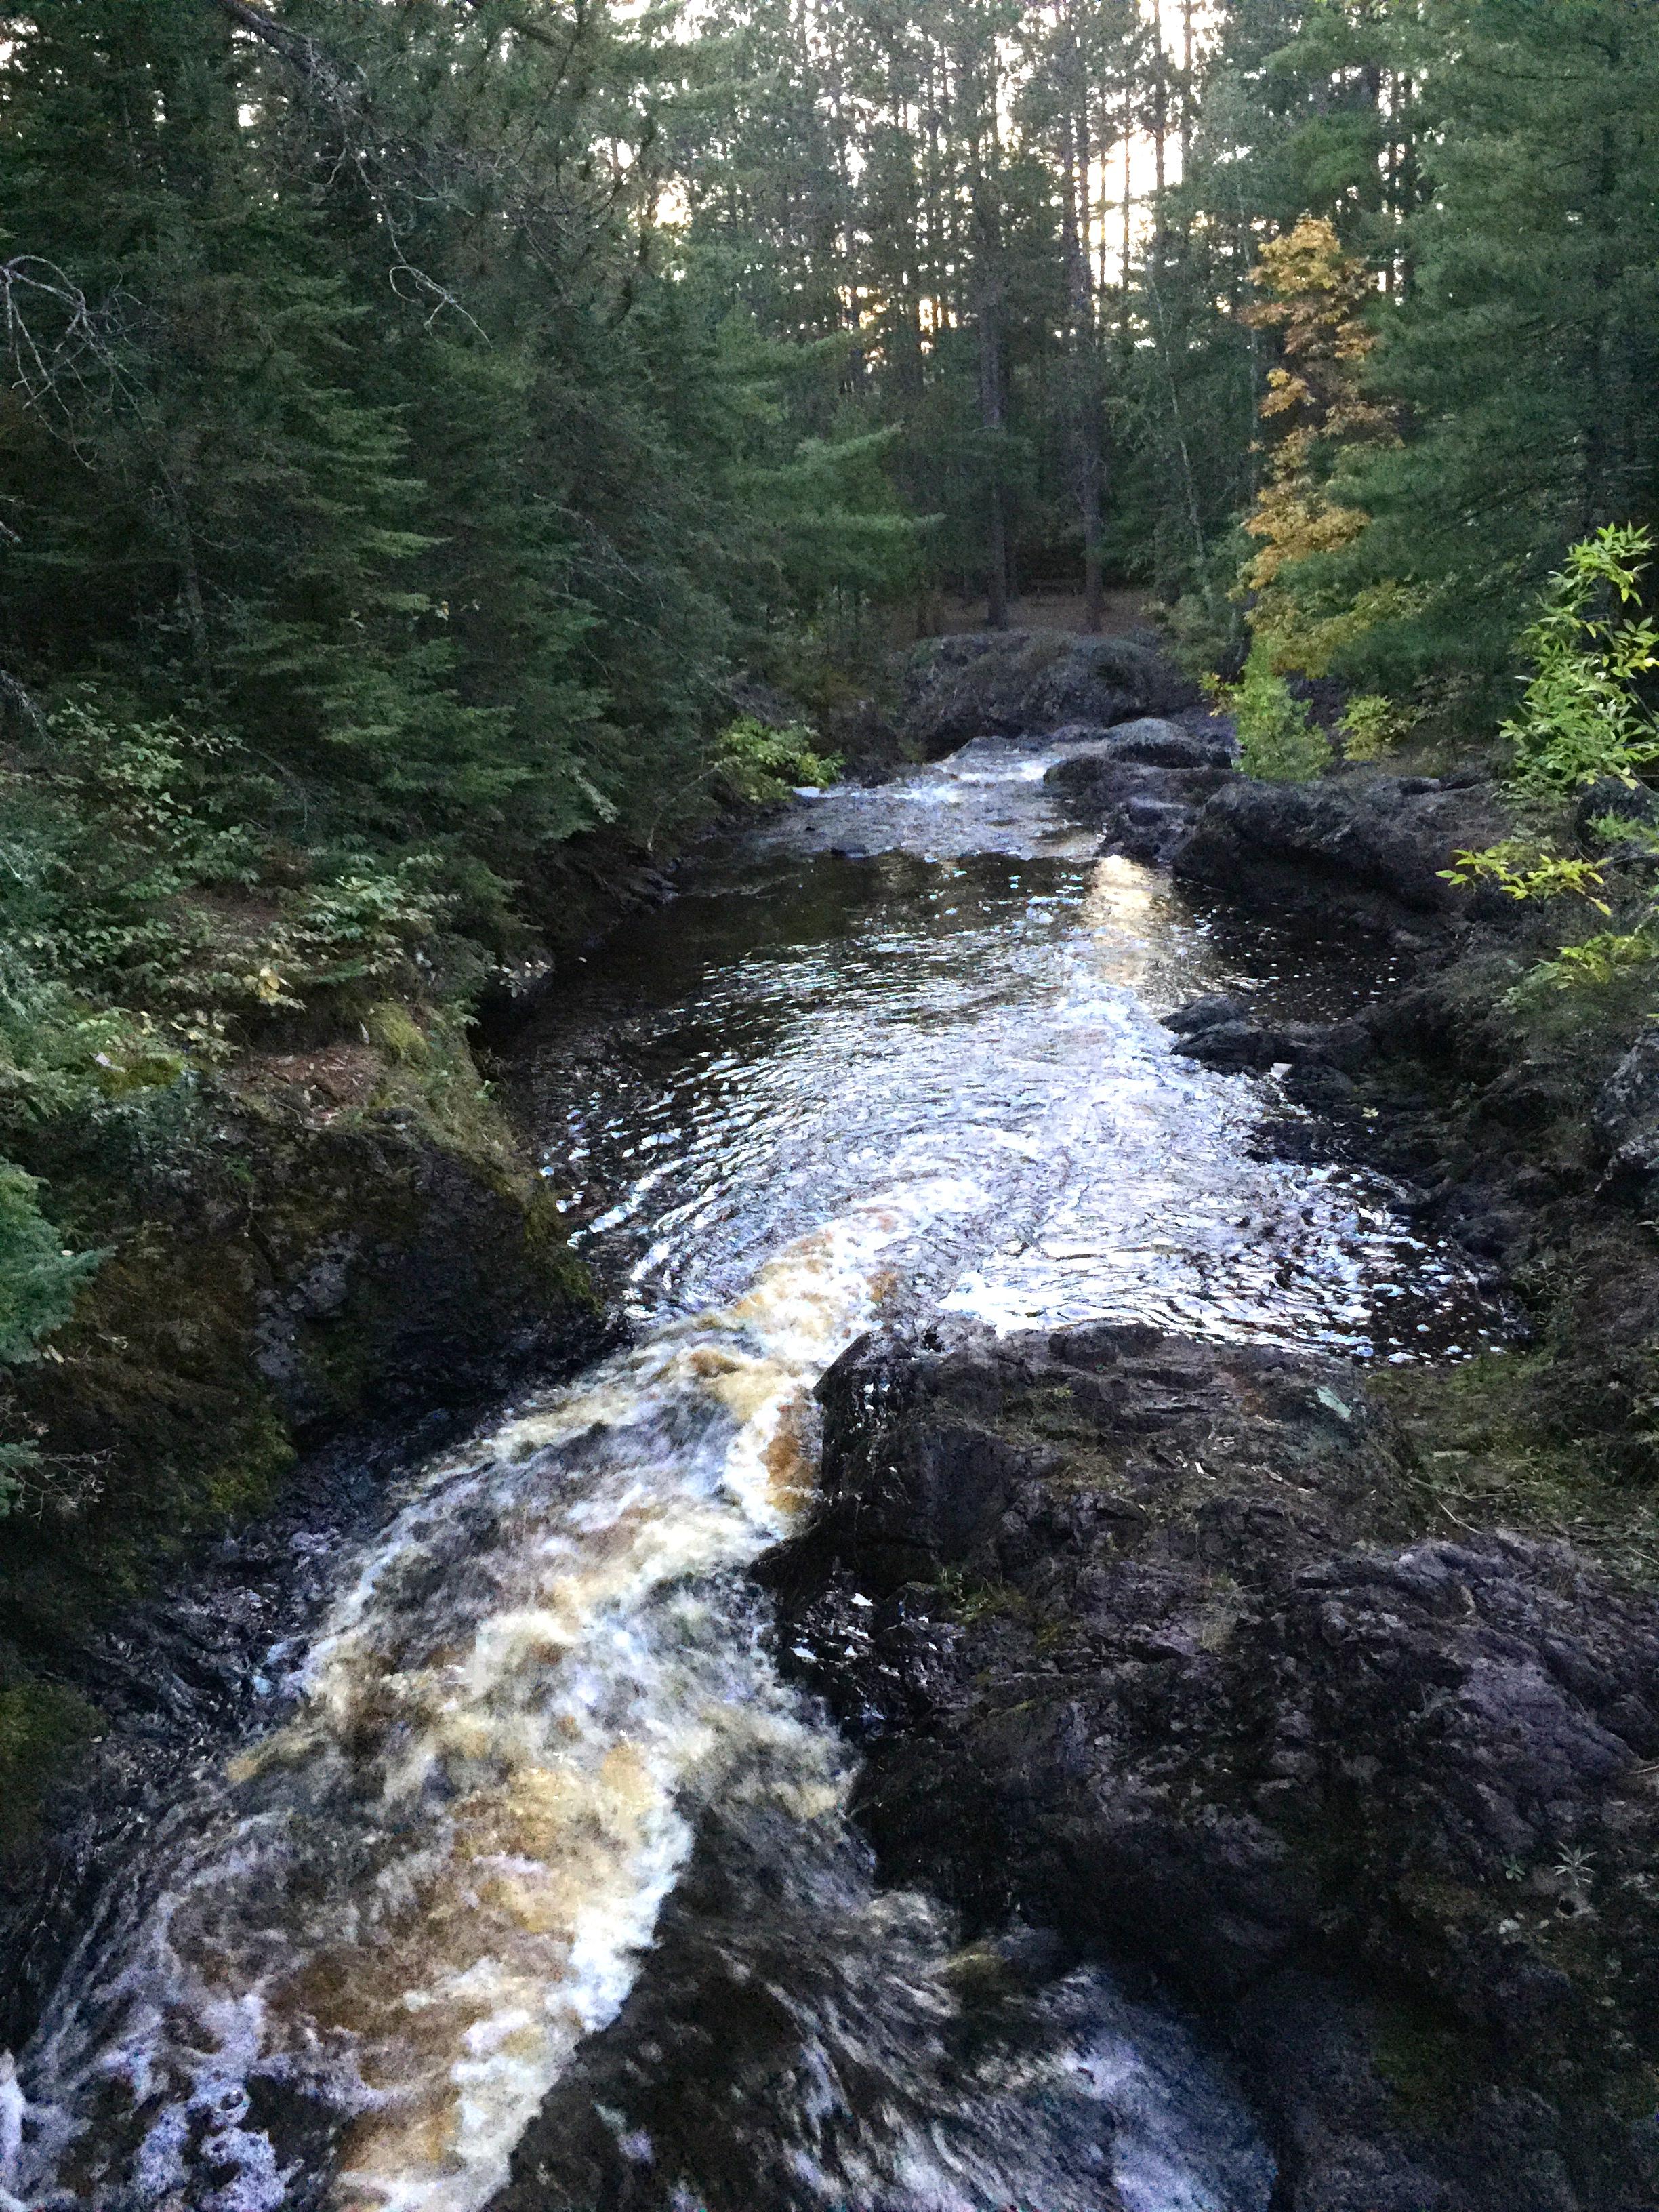 More of Amicon Falls...